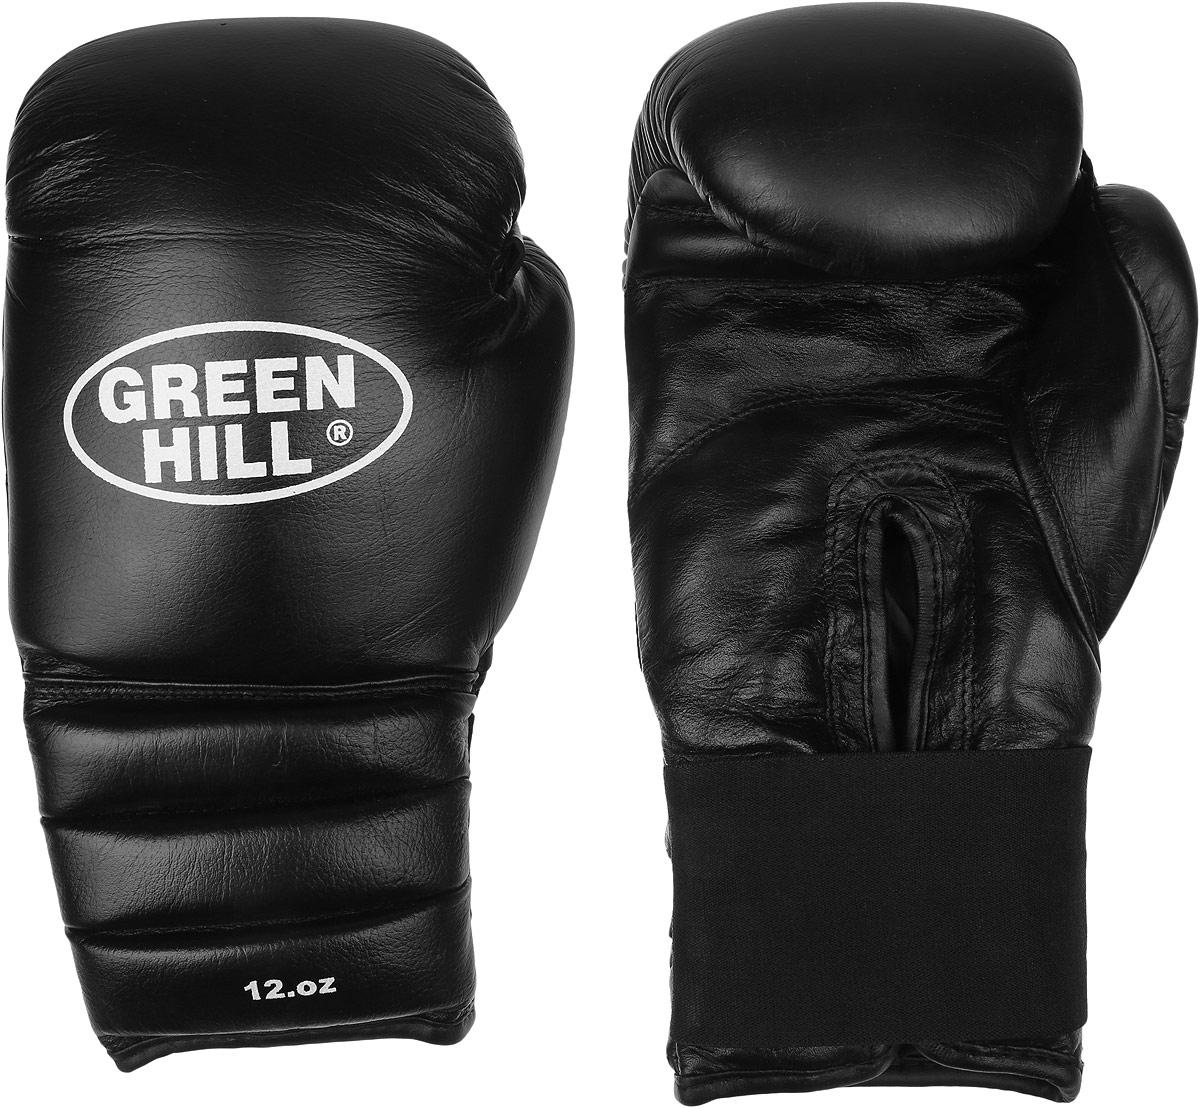 Перчатки боксерские Green Hill Pro Star, цвет: черный, белый. Вес 12 унций. BGPS-2012AIRWHEEL M3-162.8Тренировочные боксерские перчатки Green Hill Pro Star отлично подойдут для спаррингов. Верх выполнен из натуральной кожи, наполнитель - из вспененного полимера. Отверстие в области ладони позволяет создать максимально комфортный терморежим во время занятий. Удлиненный сегментированный манжет способствует быстрому и удобному надеванию перчаток, плотно фиксирует их на руке.